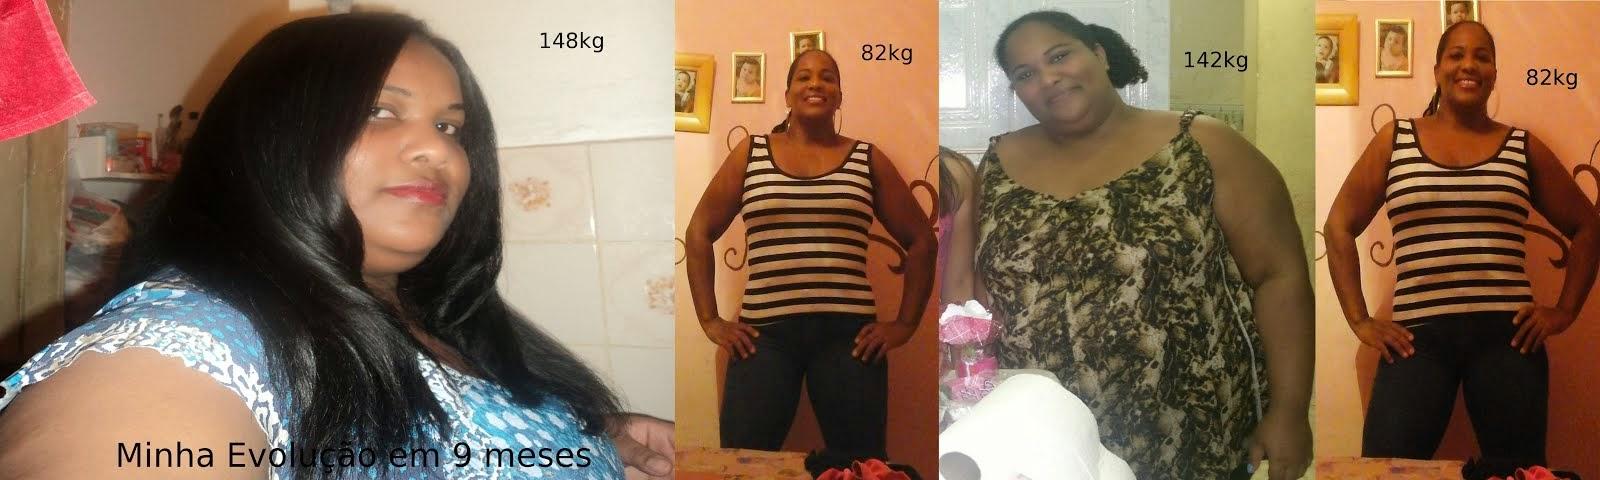 Dos 148 aos 82kg